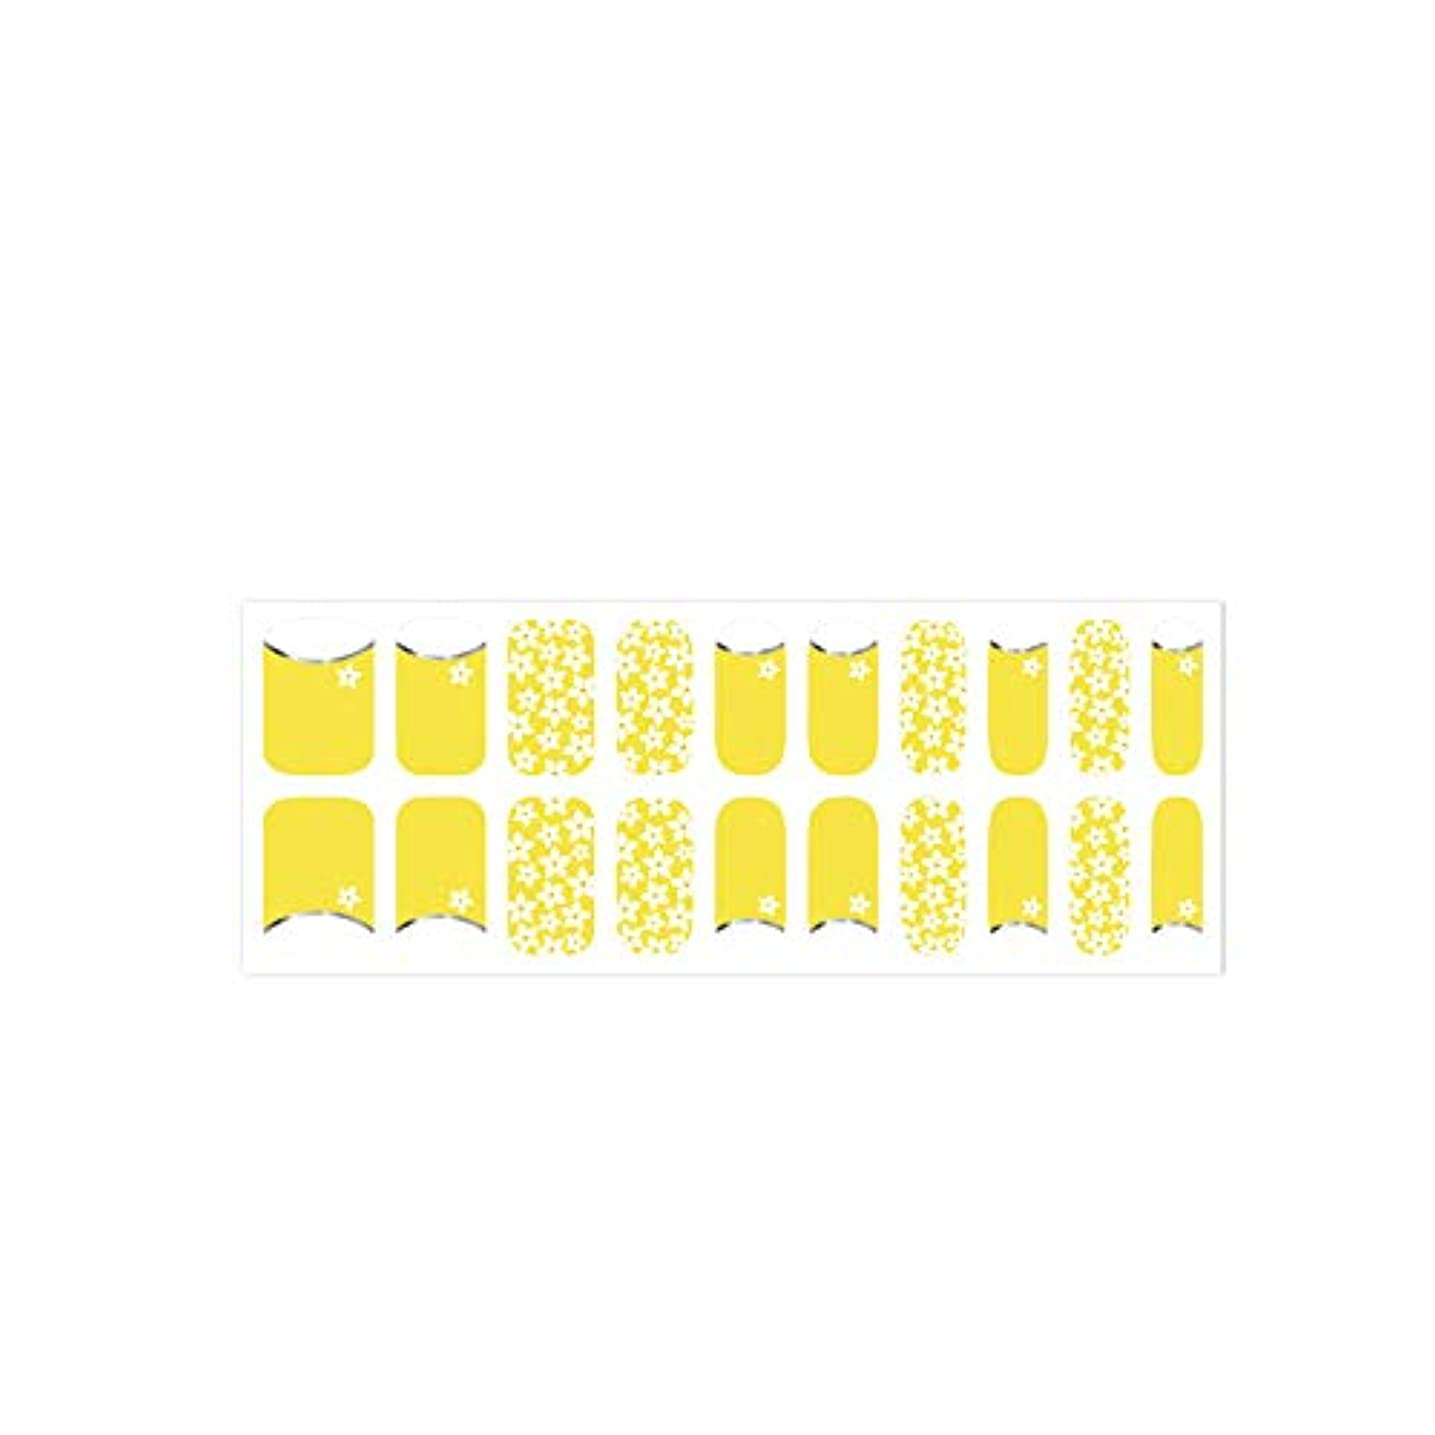 辞書振動する証明書爪に貼るだけで華やかになるネイルシート! 簡単セルフネイル ジェルネイル 20pcs ネイルシール ジェルネイルシール デコネイルシール VAVACOCO ペディキュア ハーフ かわいい 韓国 シンプル フルカバー ネイルパーツ...